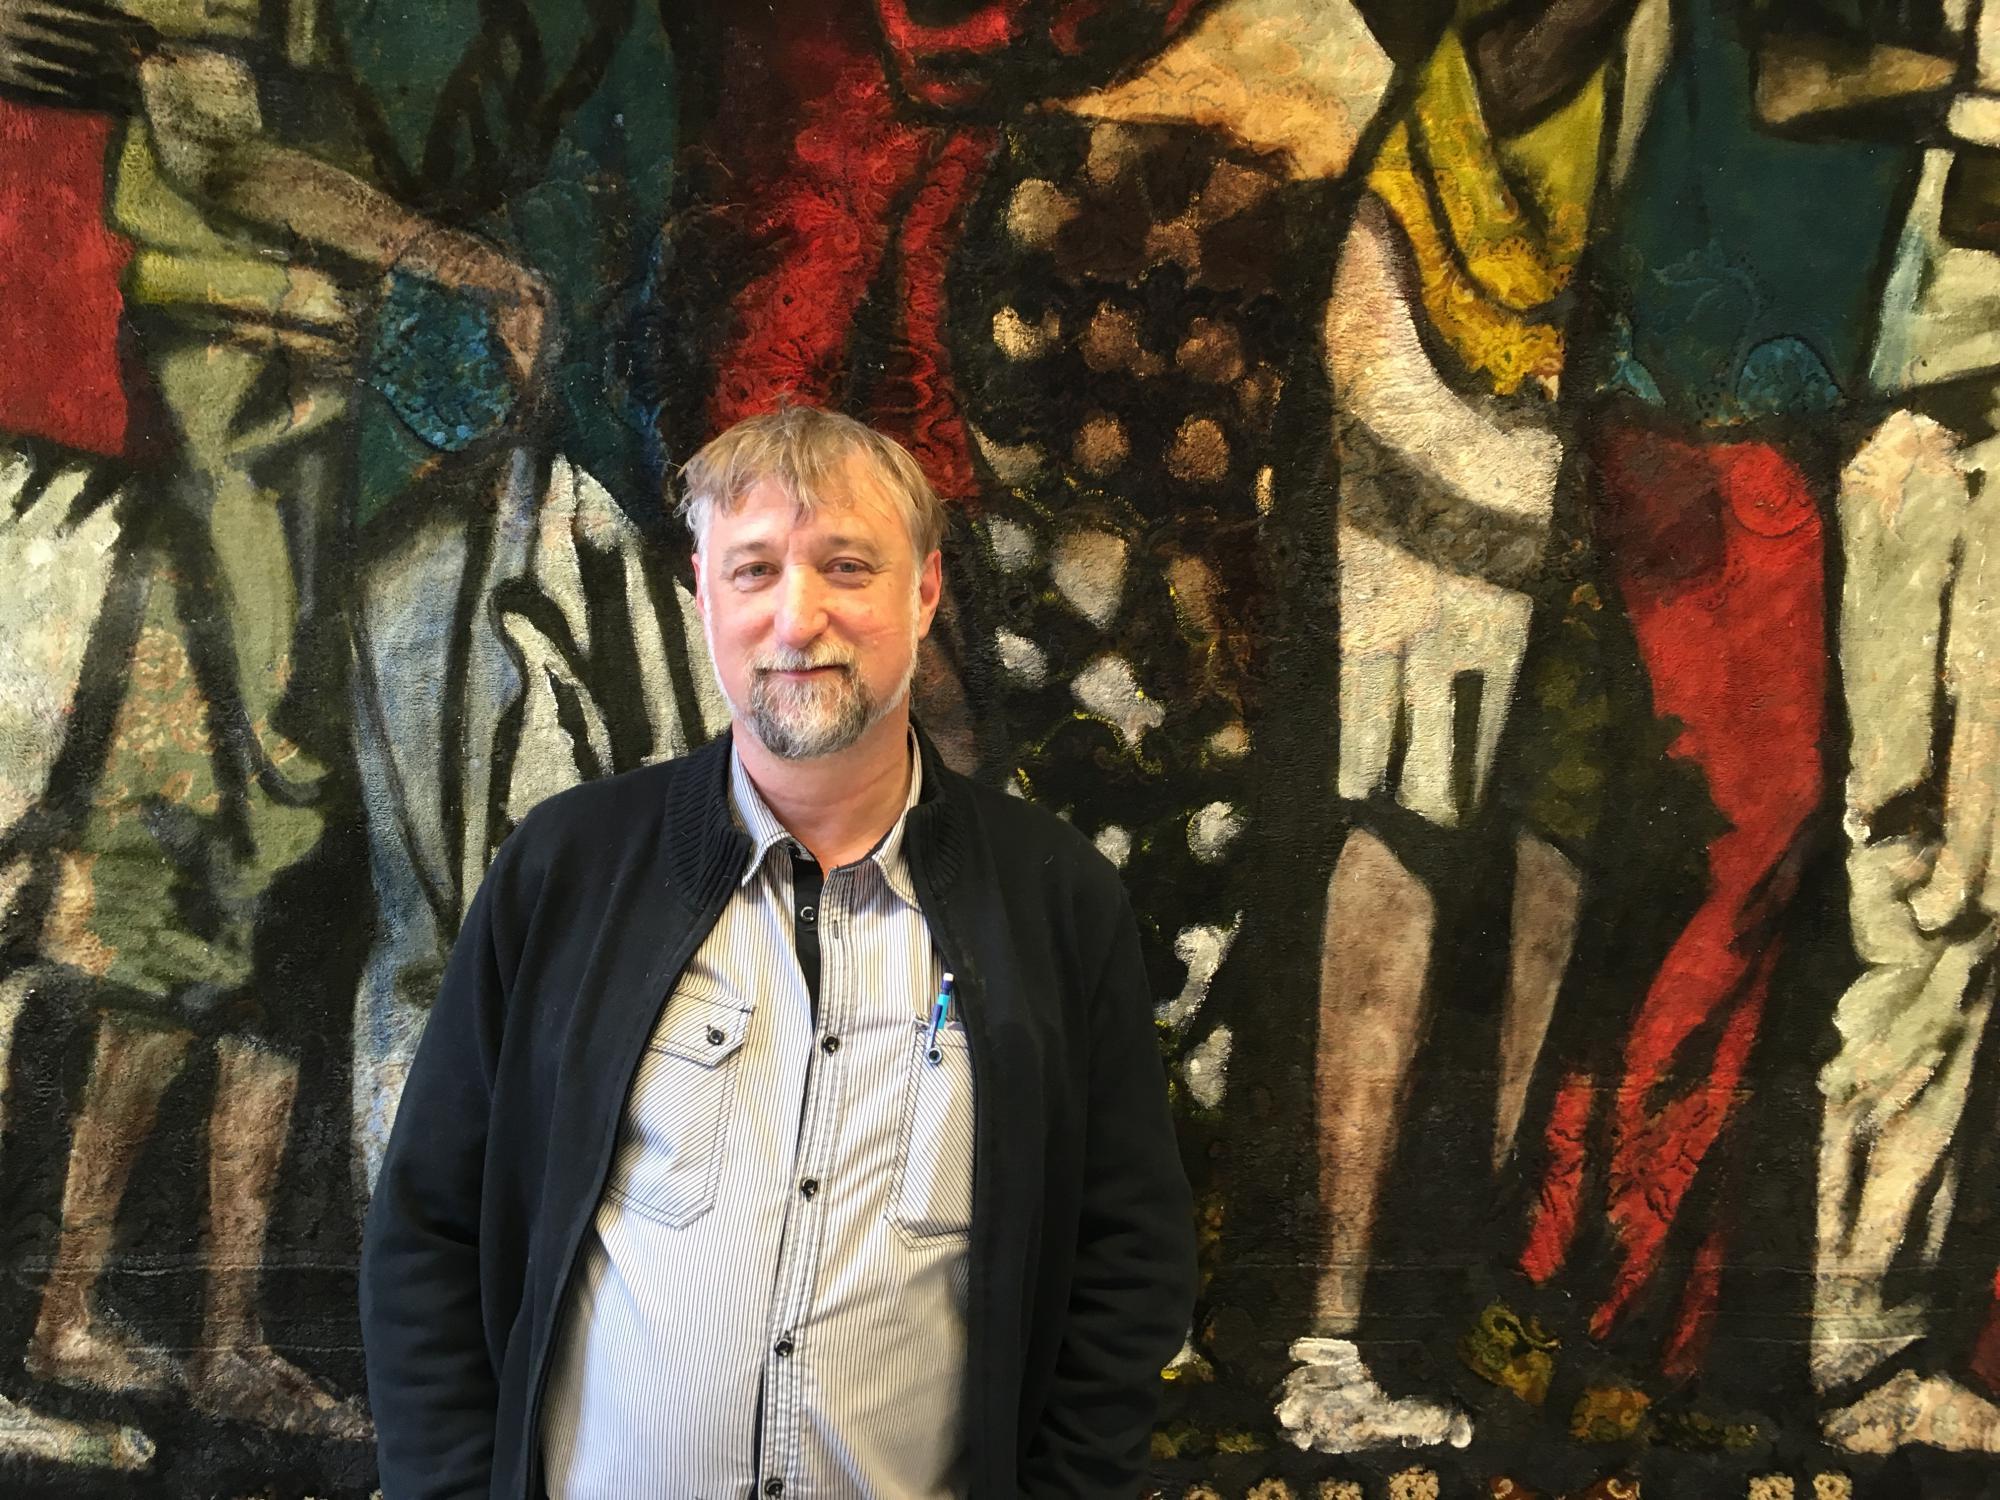 In 'Dit is mijn lichaam' ordent Hans Claus – schilder, dichter en directeur van de gevangenis van Oudenaarde – de kruisweg aan de hand van confronterende schilderijen © Geert De Cubber